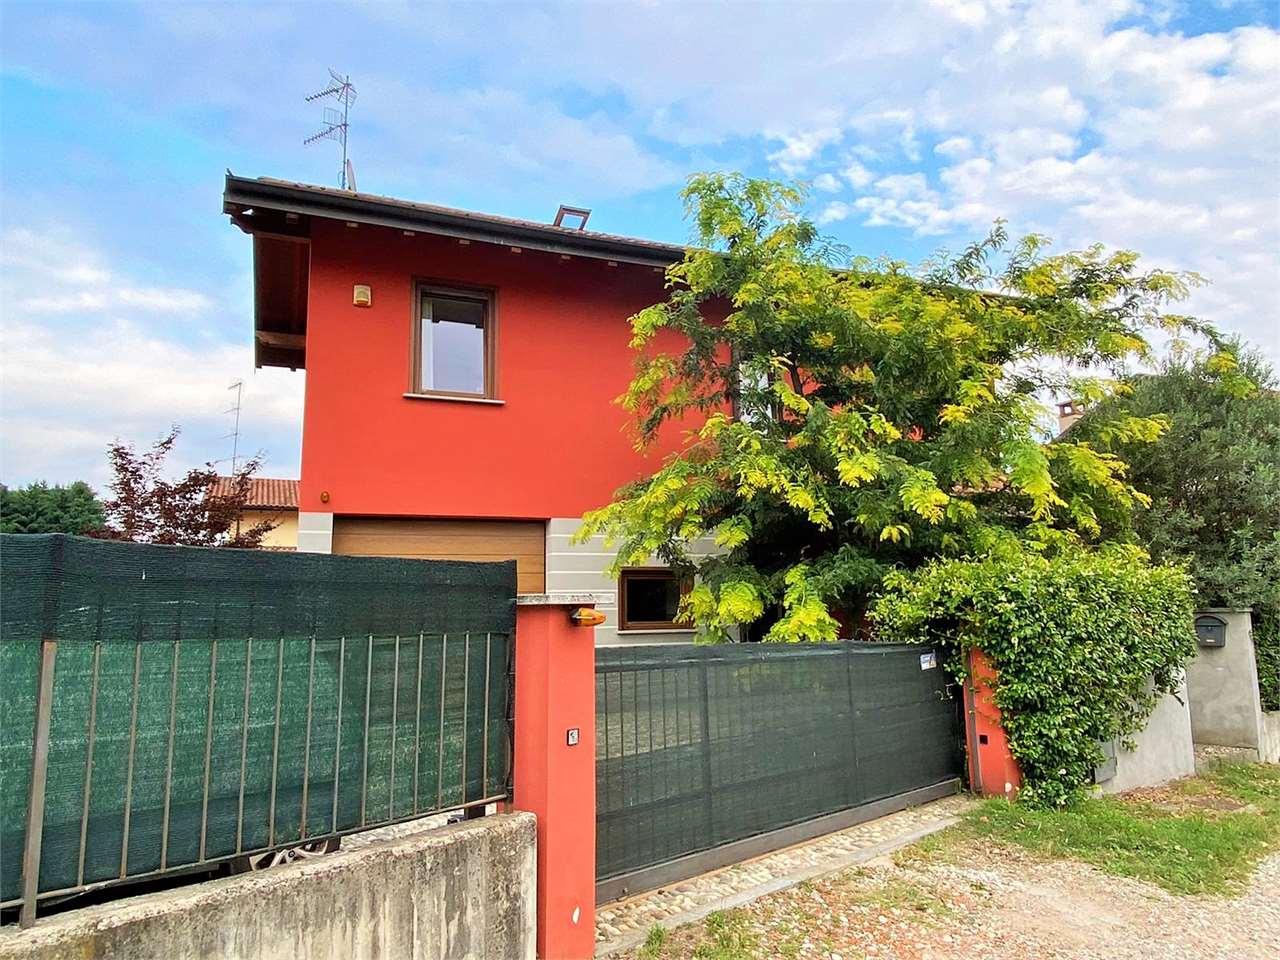 Villa in vendita a Ispra, 5 locali, prezzo € 297.000   CambioCasa.it